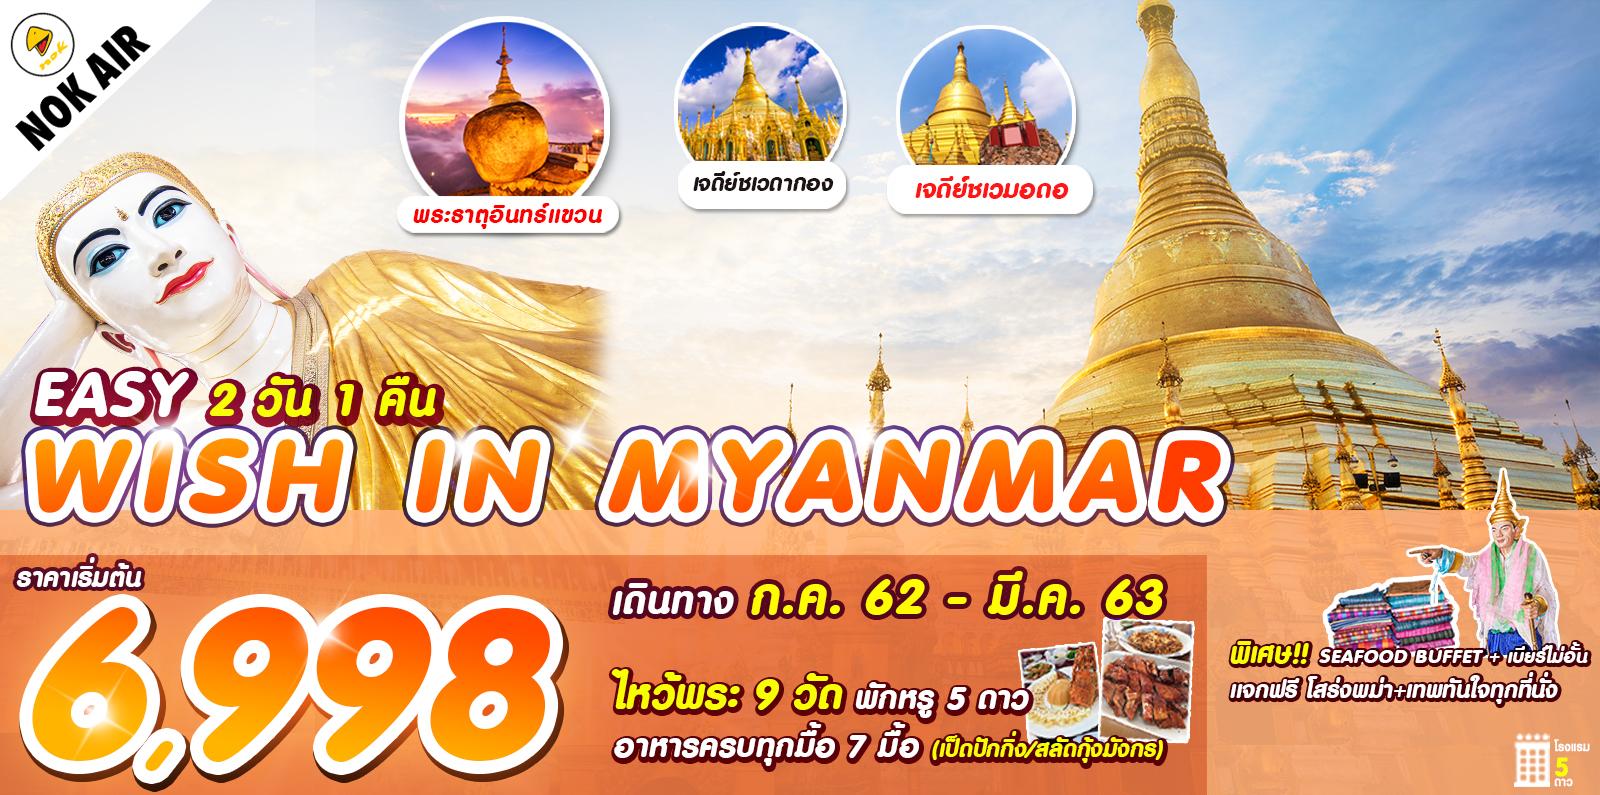 ทัวร์พม่า EASY WISH IN MYANMAR 2D1N (DD) JUL-MAR'20